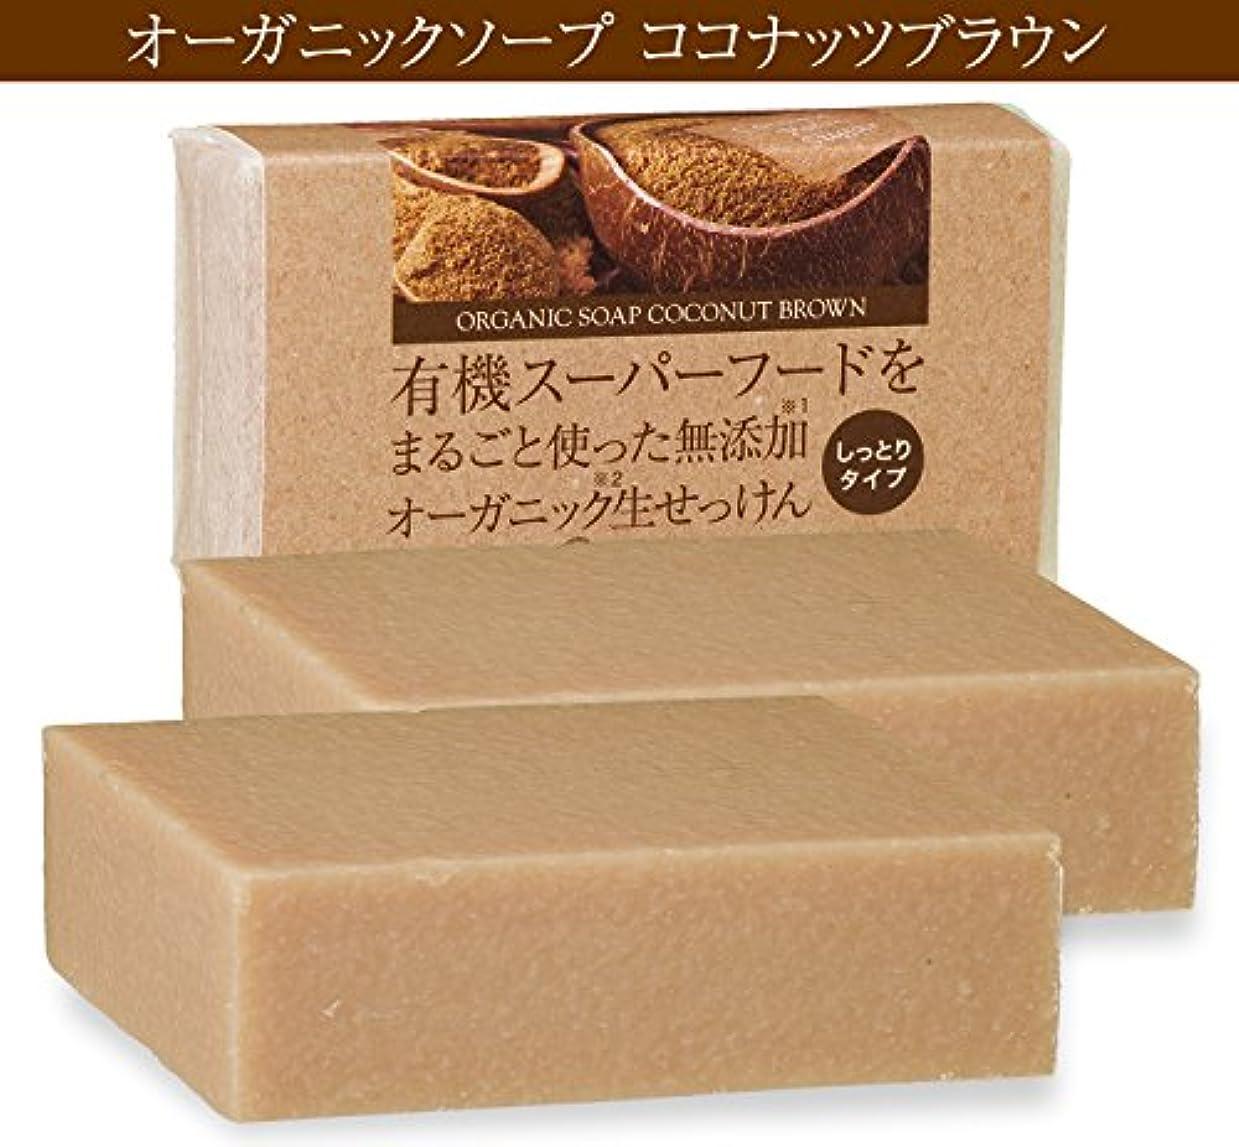 複合振り子スポーツマンココナッツシュガー石鹸 2個 有機ココナッツオイルをまるごと使った無添加オーガニック生せっけん(枠練)Organic Raw Soap Coconut Brown 80g コールドプロセス製法 (日本製)メール便